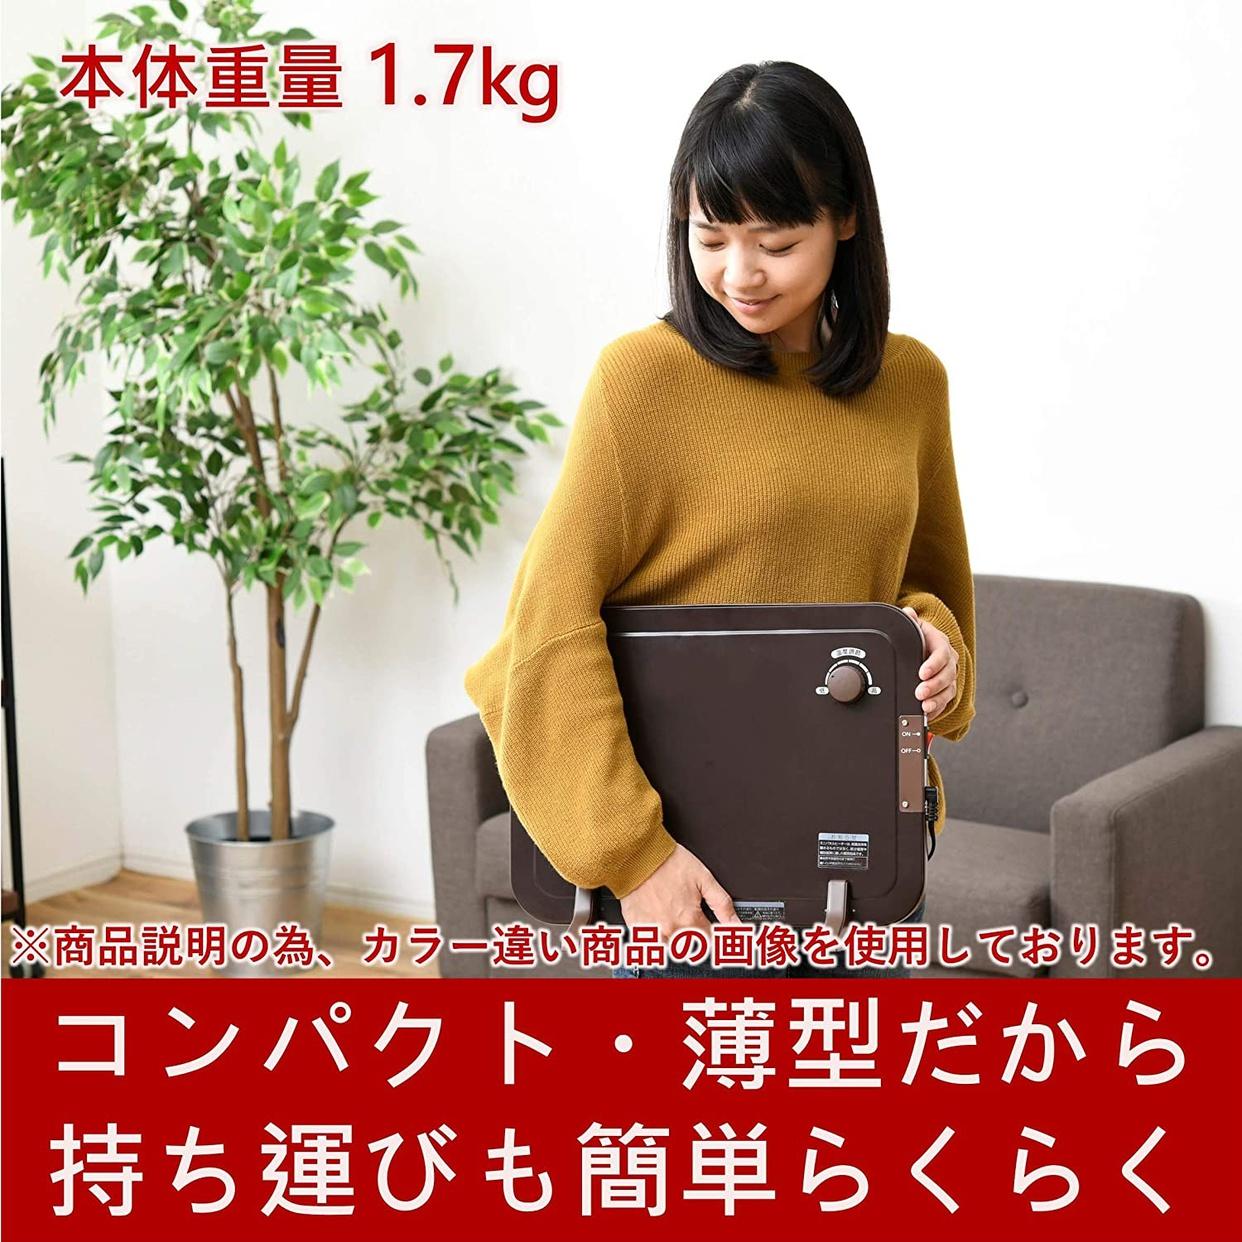 山善(YAMAZEN) ミニパネルヒーター DP-B167の商品画像6